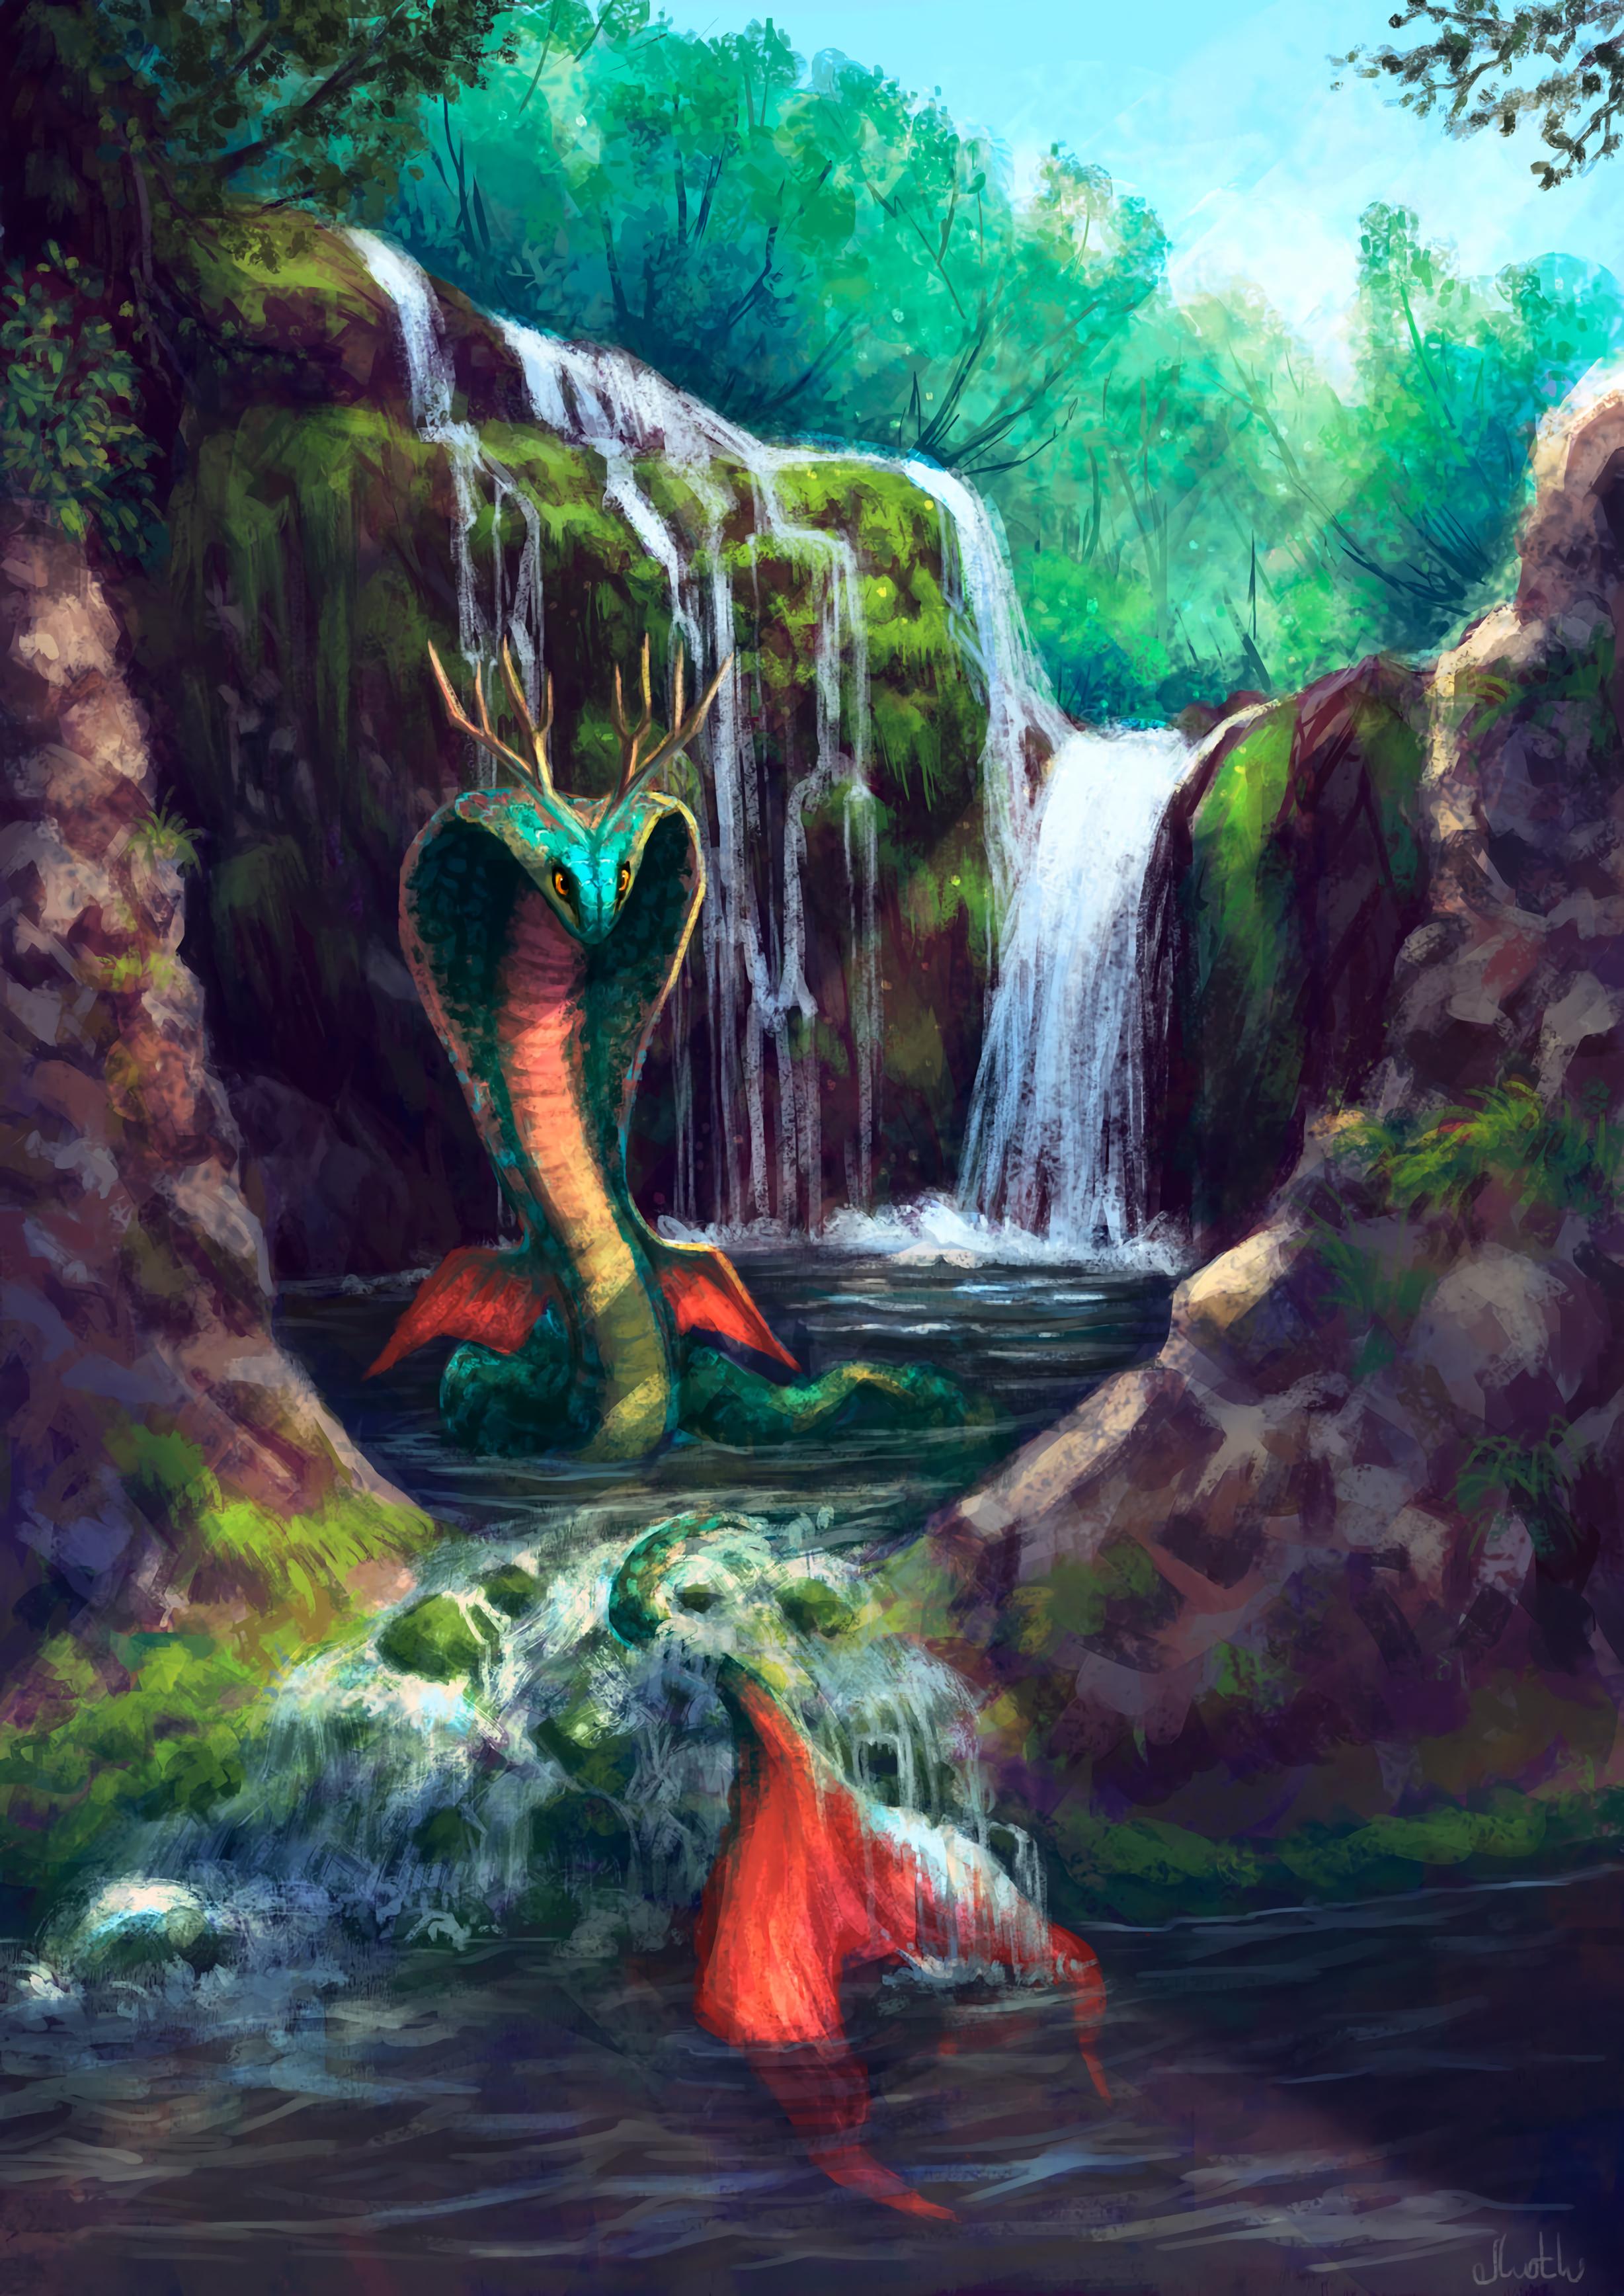 93679 скачать обои Змеи, Арт, Водопад, Существо, Фантастика - заставки и картинки бесплатно